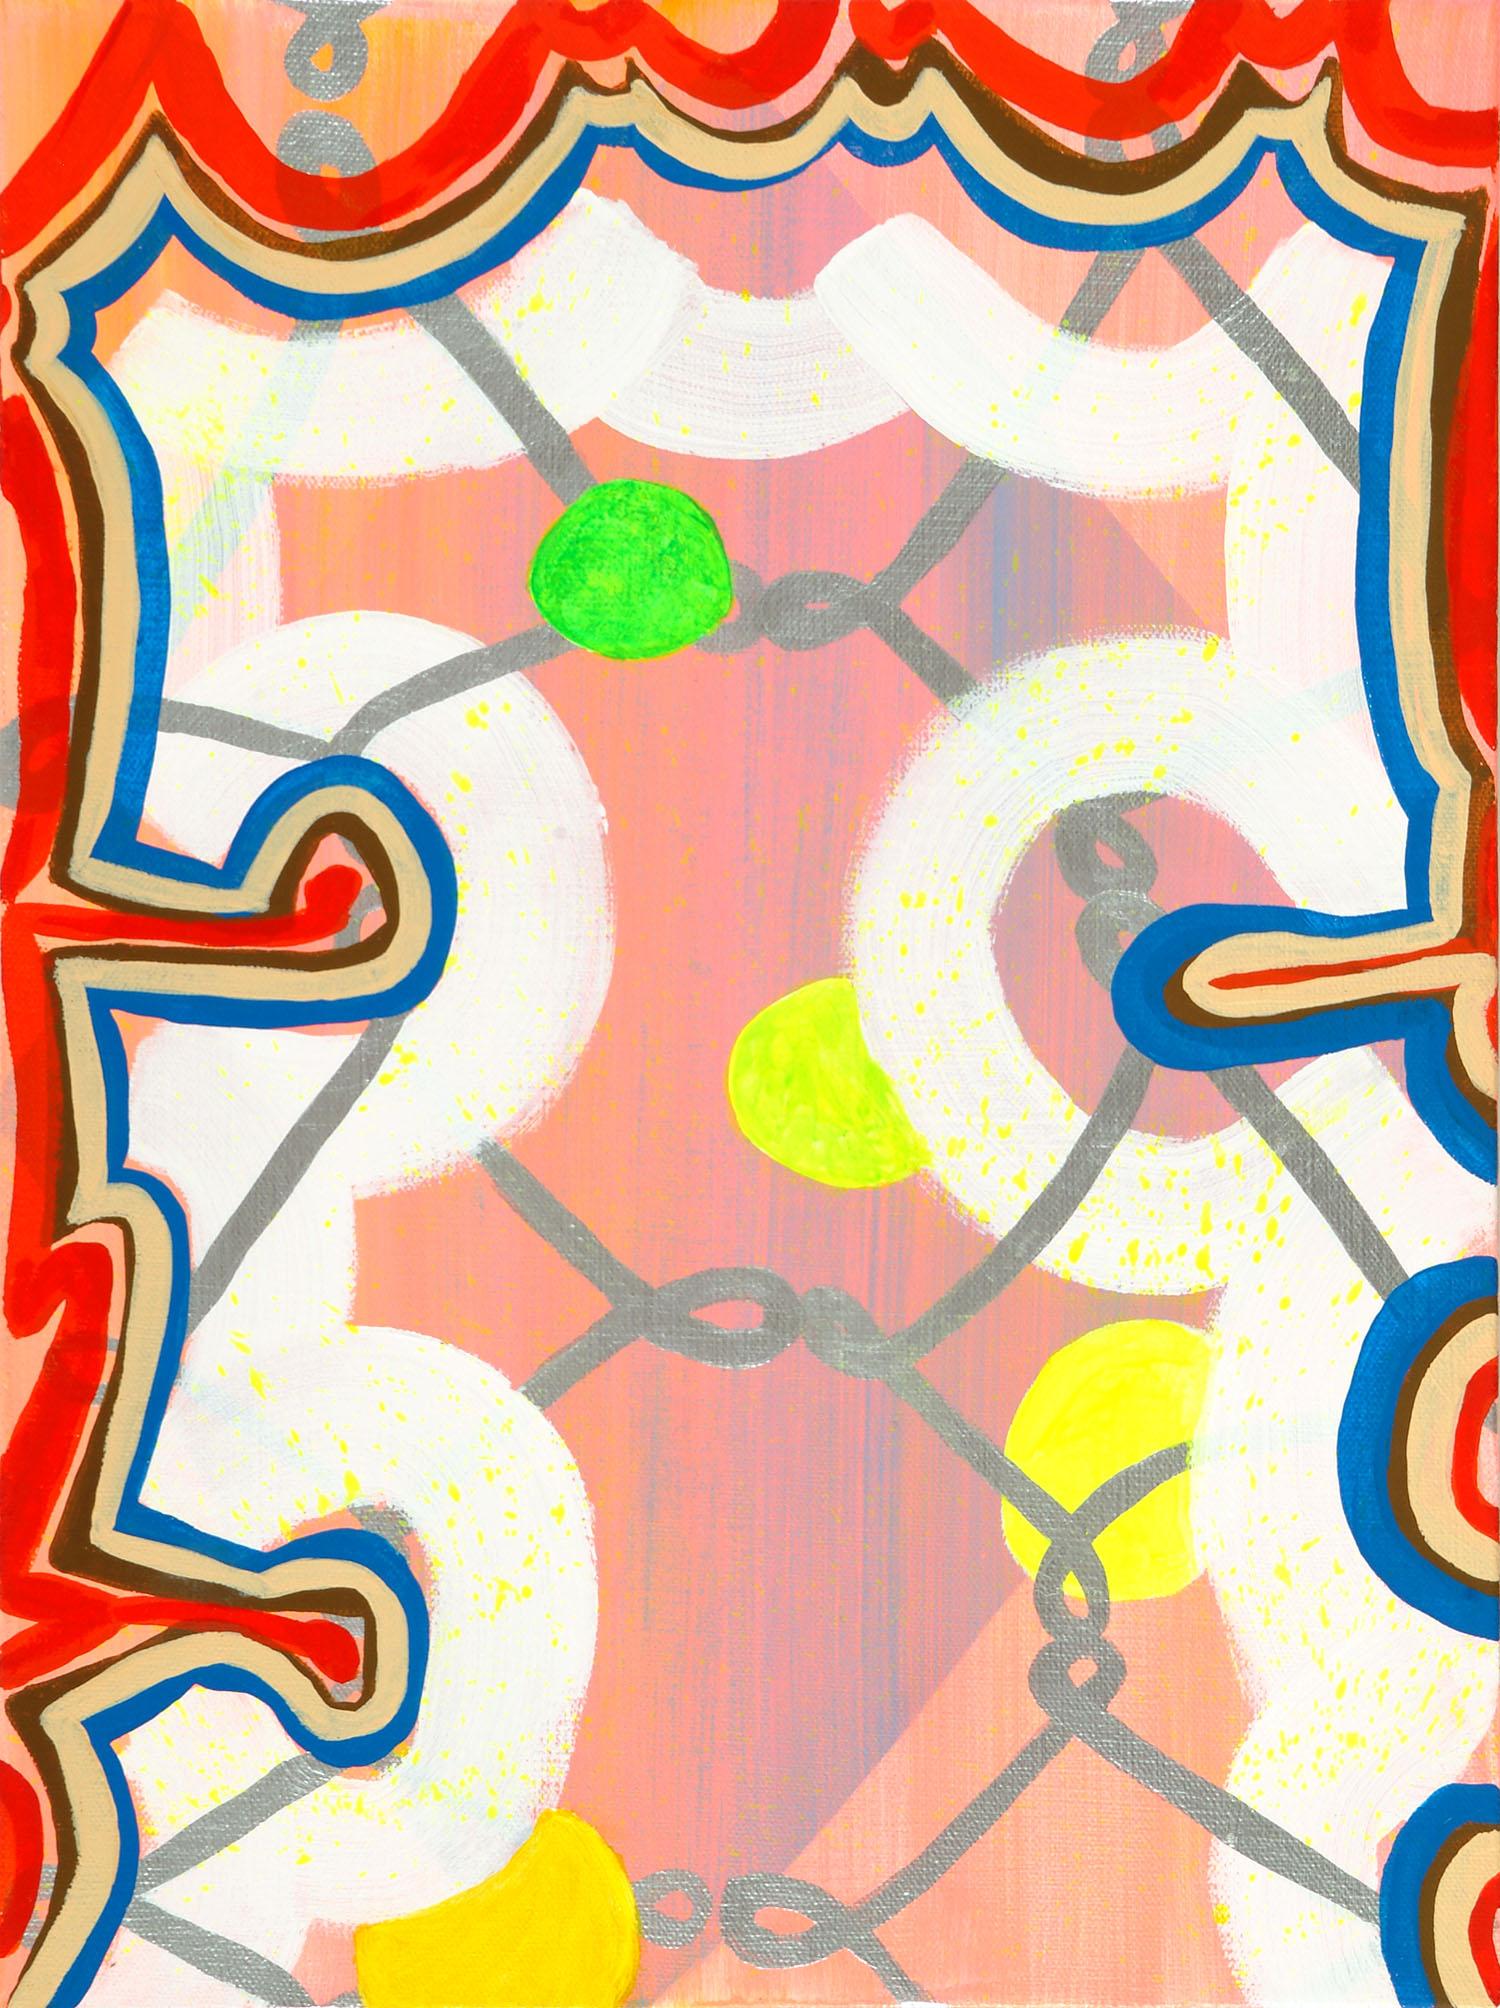 Urban Orbs | 2007 | Acryl auf Leinwand | 41 x 30,5 cm